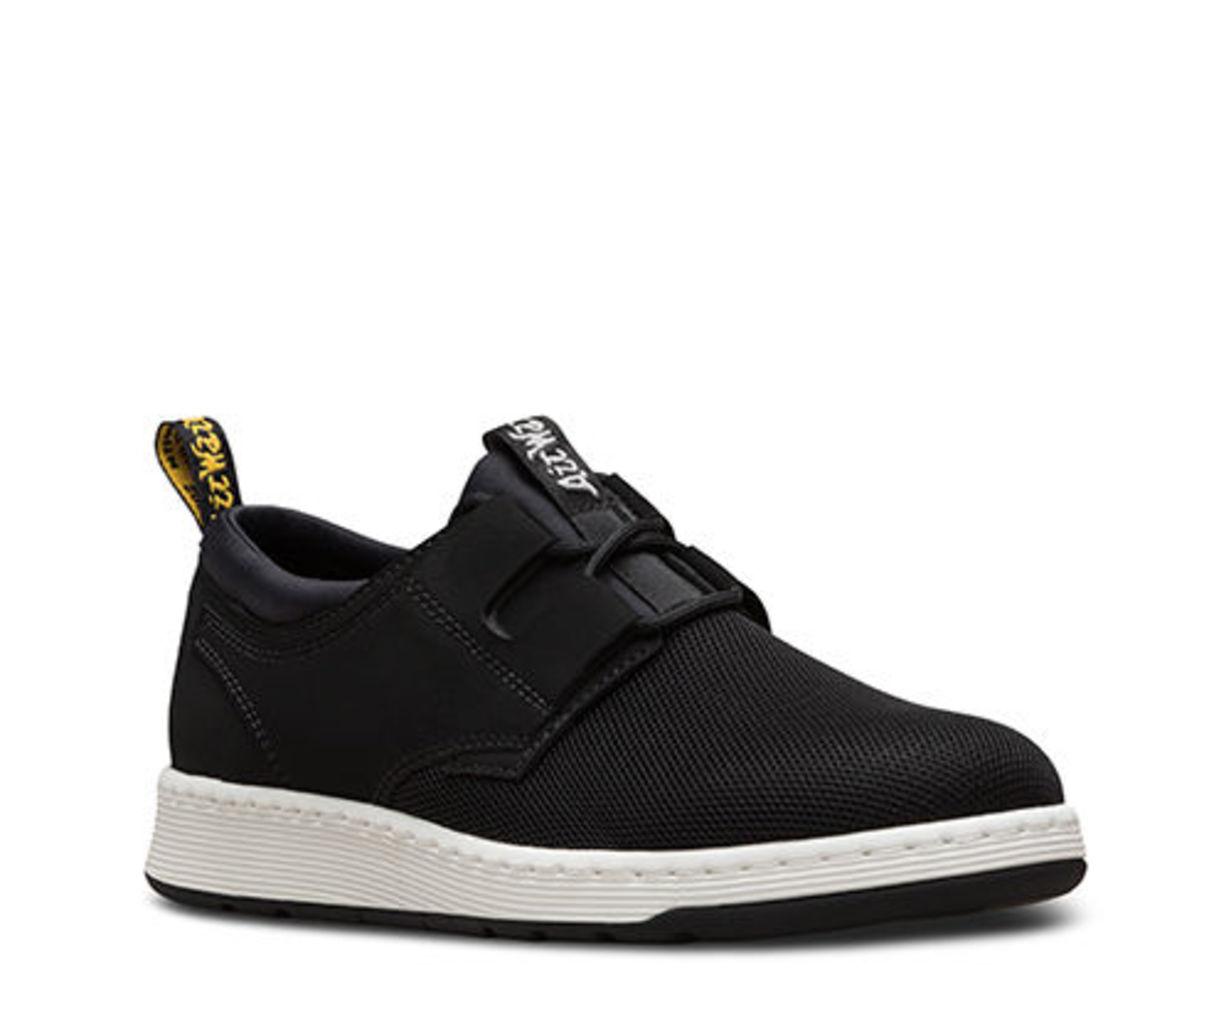 Evade Shoe